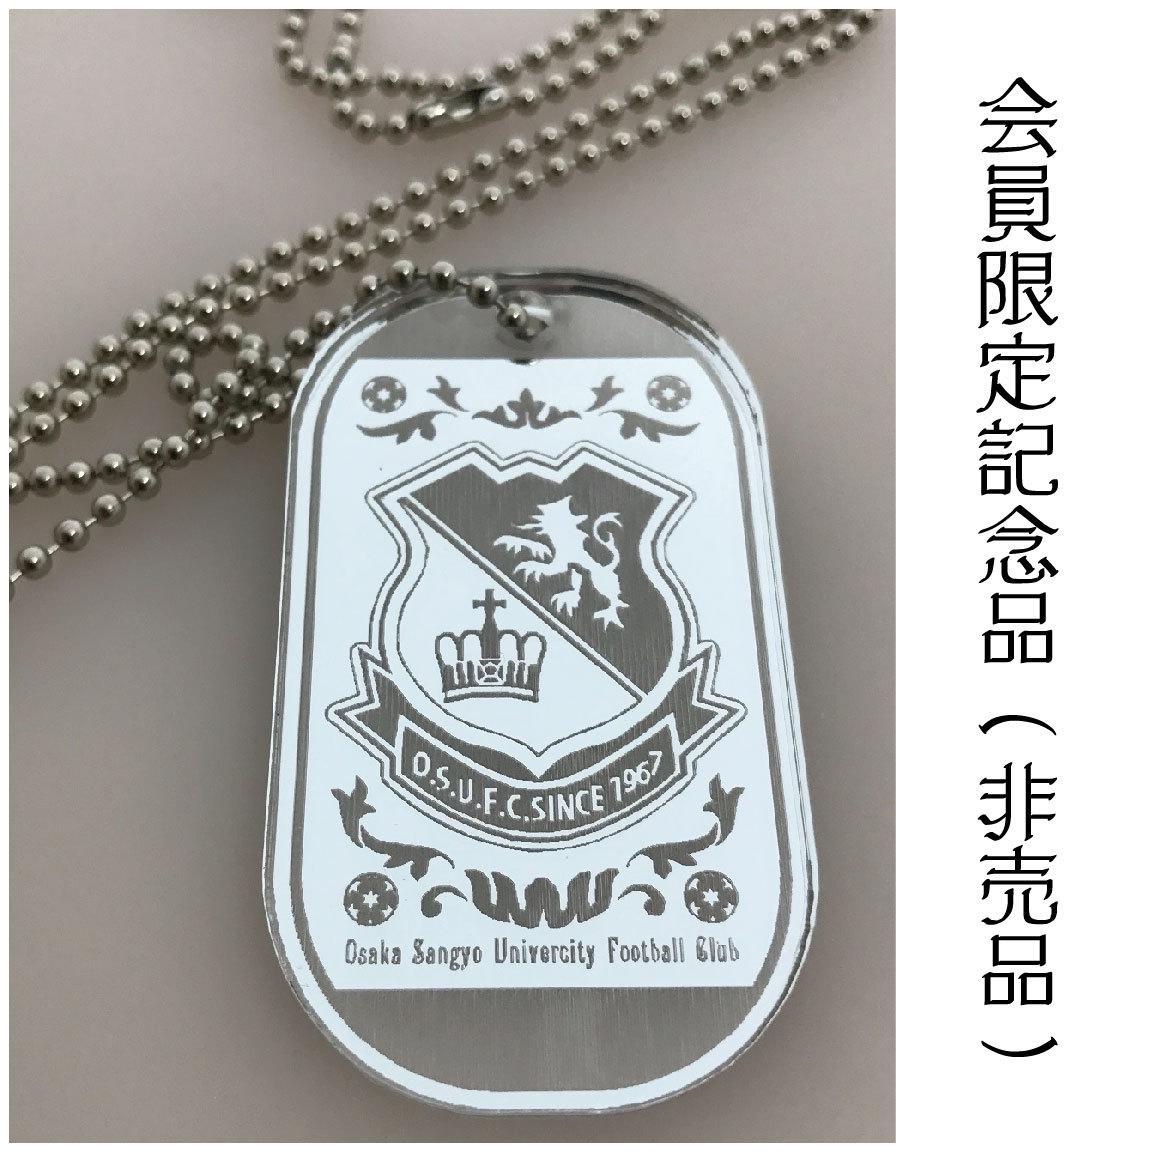 大阪産業大学サッカー部の商品を買う方は読んでね